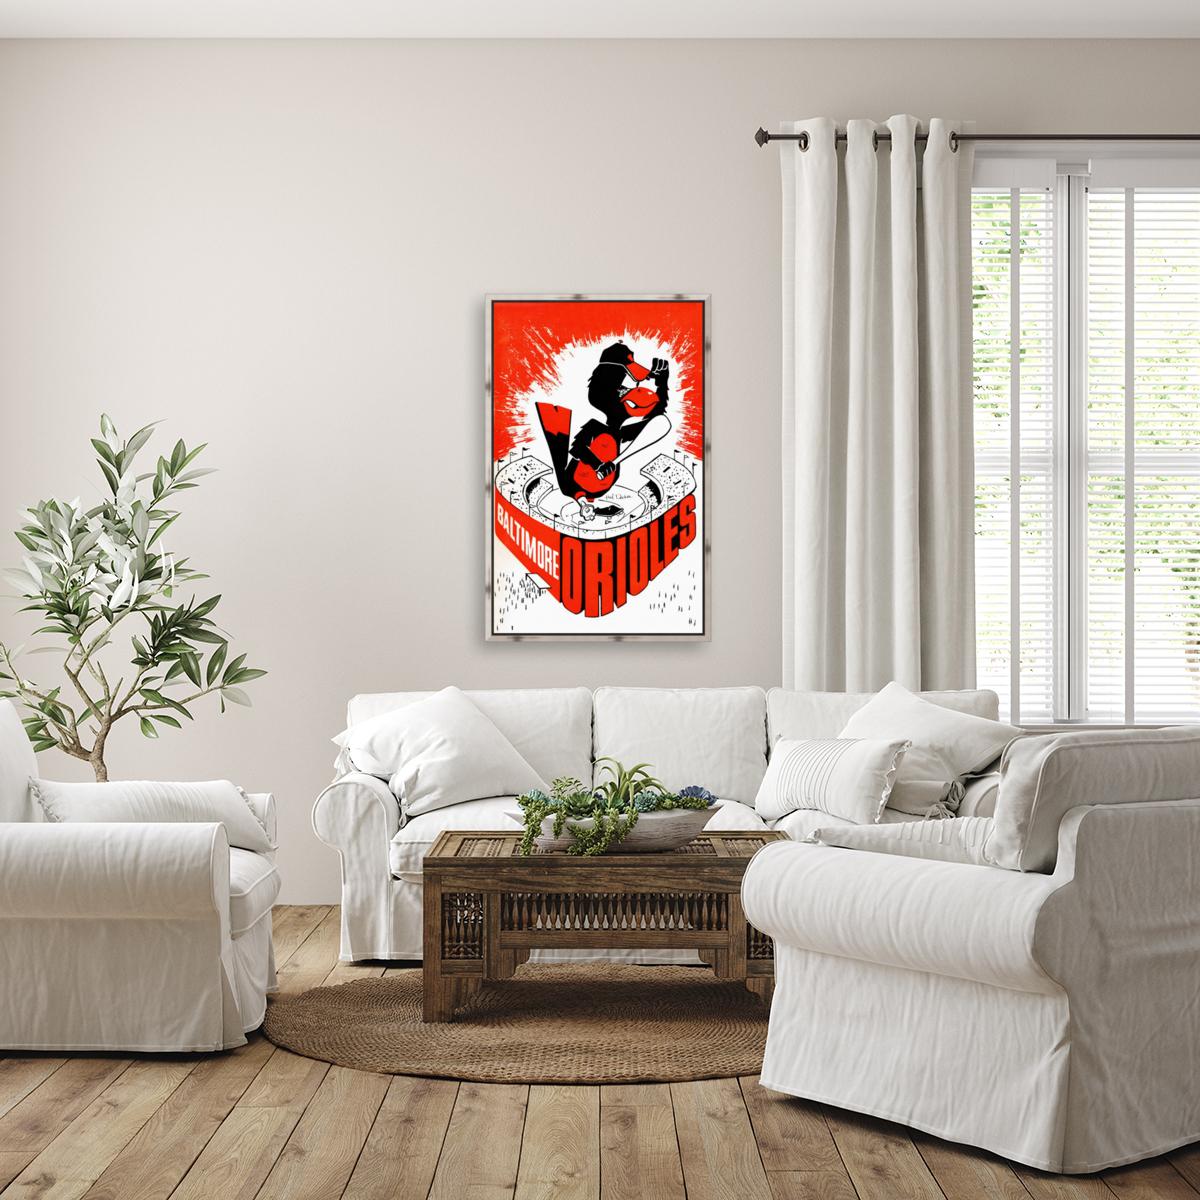 hal decker artist baltimore orioles poster  Art